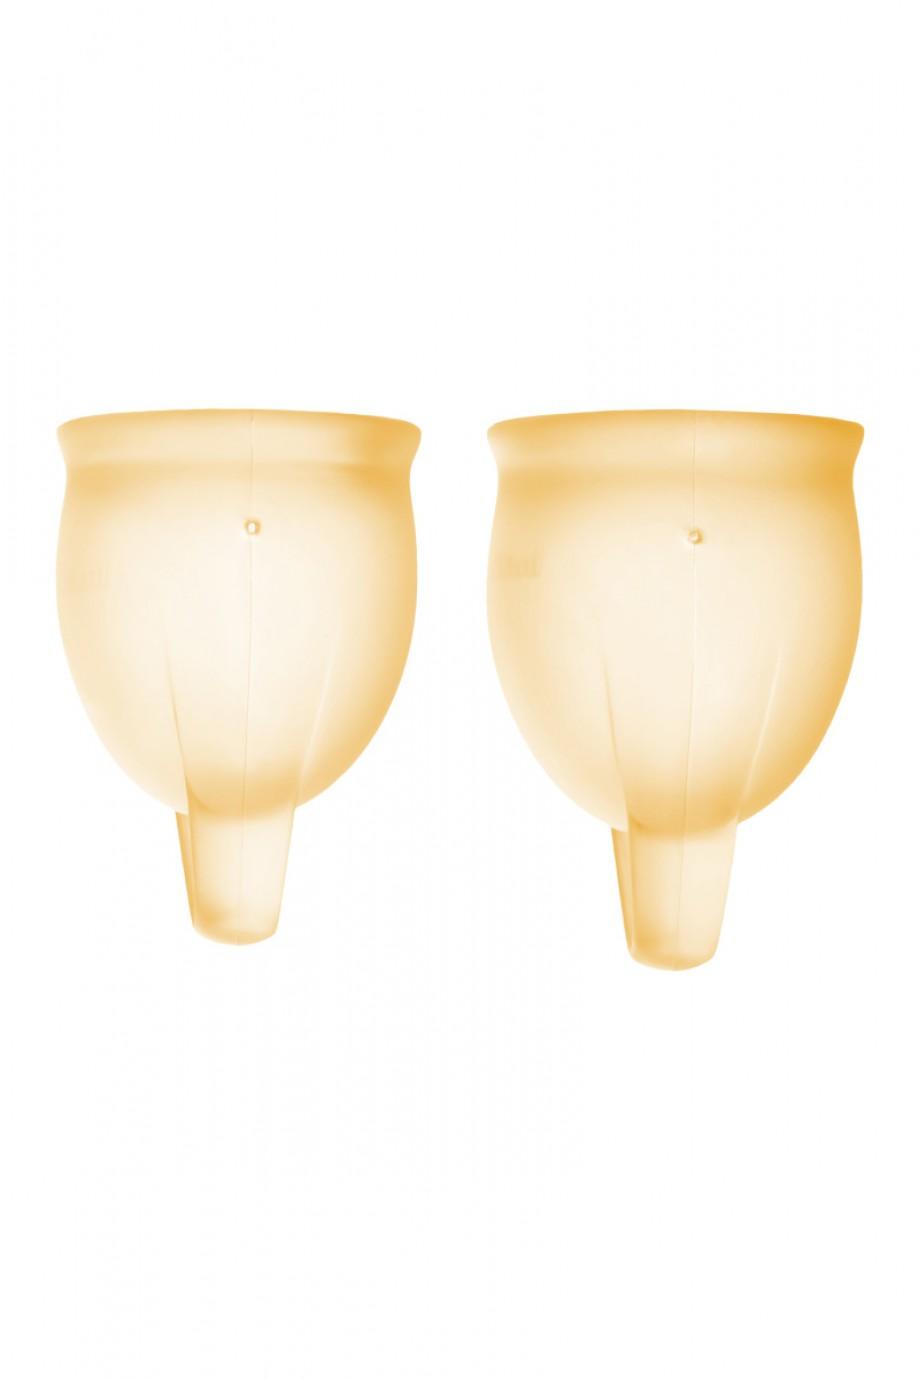 Менструальная чаша Satisfyer Feel Confident, 2 шт в наборе, оранжевый